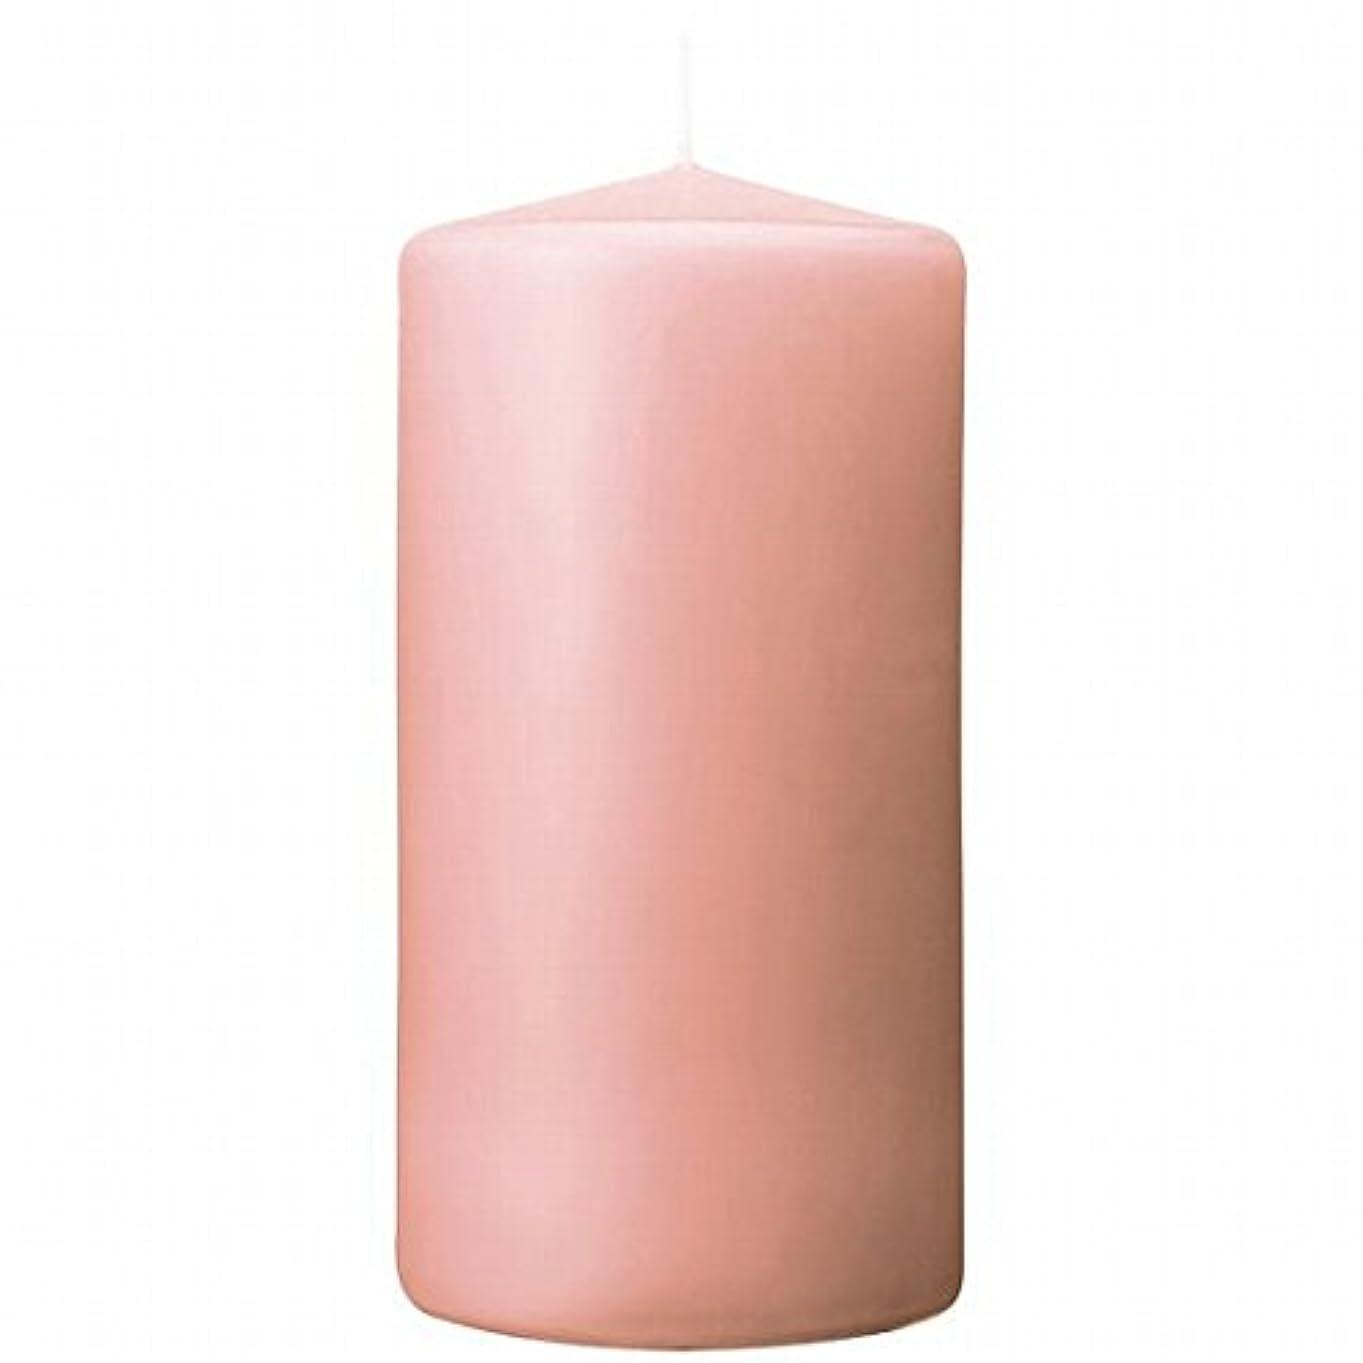 鳴り響く病んでいる拡張カメヤマキャンドル(kameyama candle) 3×6ベルトップピラーキャンドル 「 ピーチアンバ 」